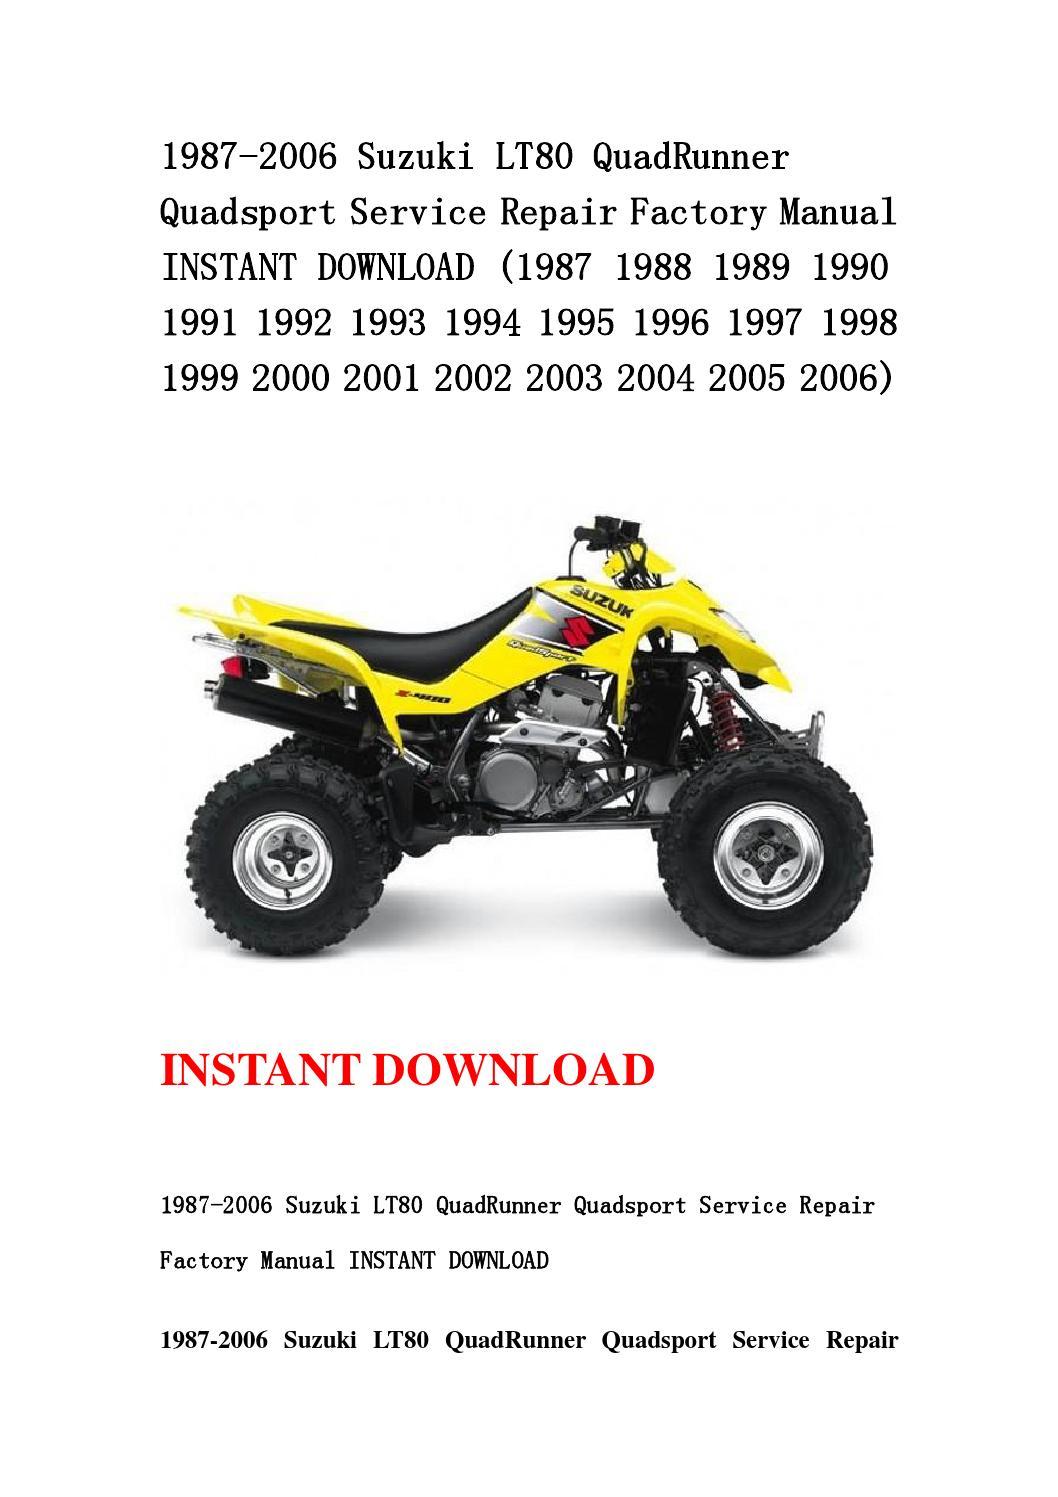 suzuki quadsport 80 repair manual